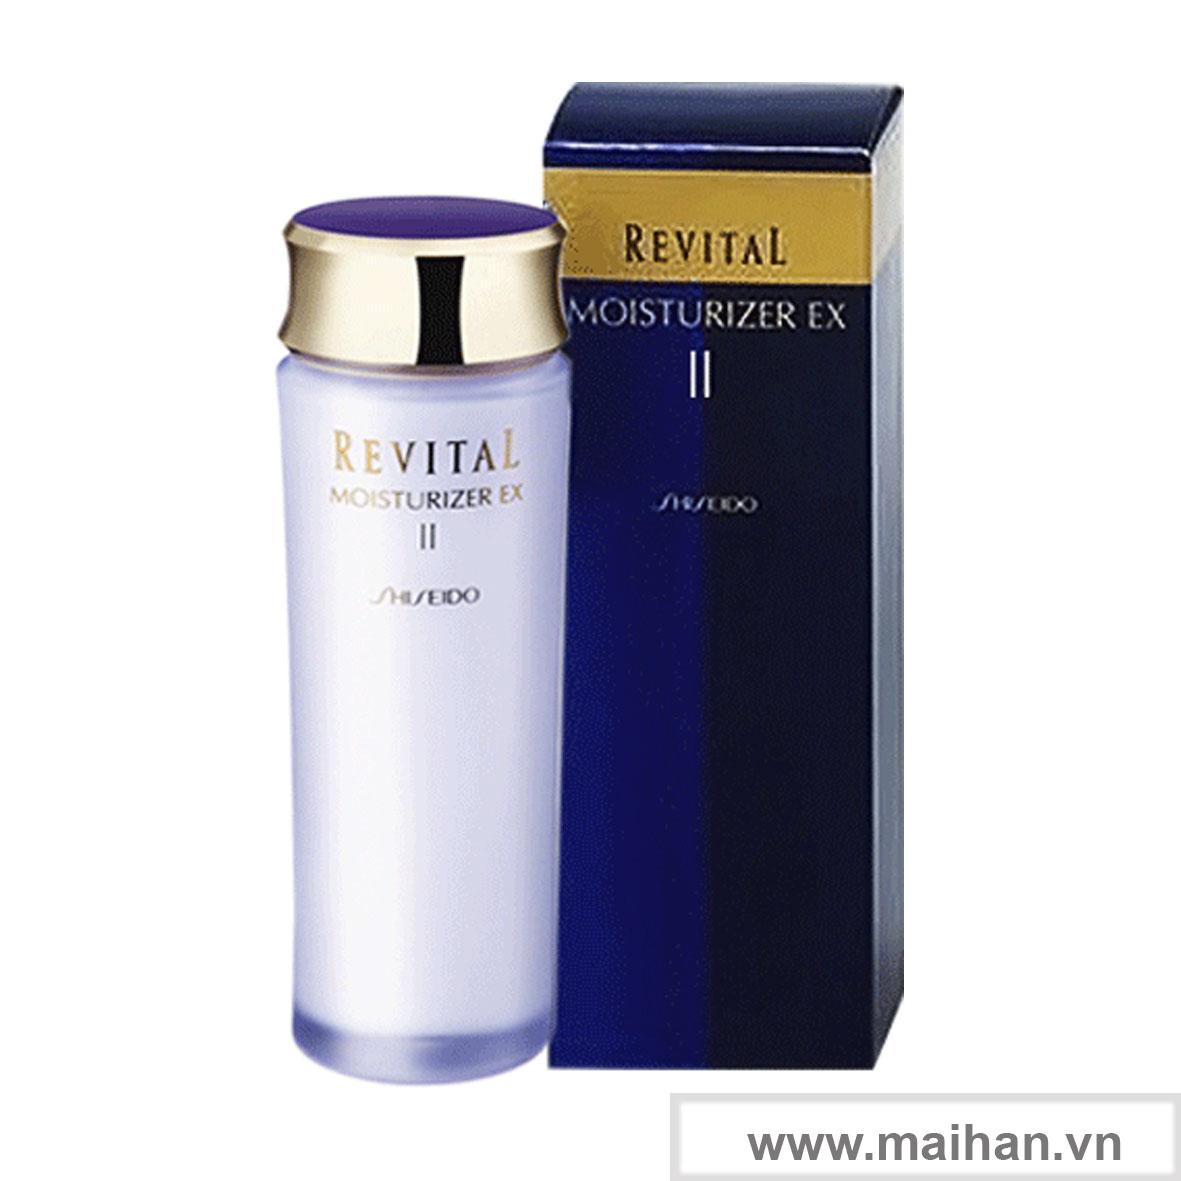 Dưỡng ẩm cho da thường và da khô Shiseido